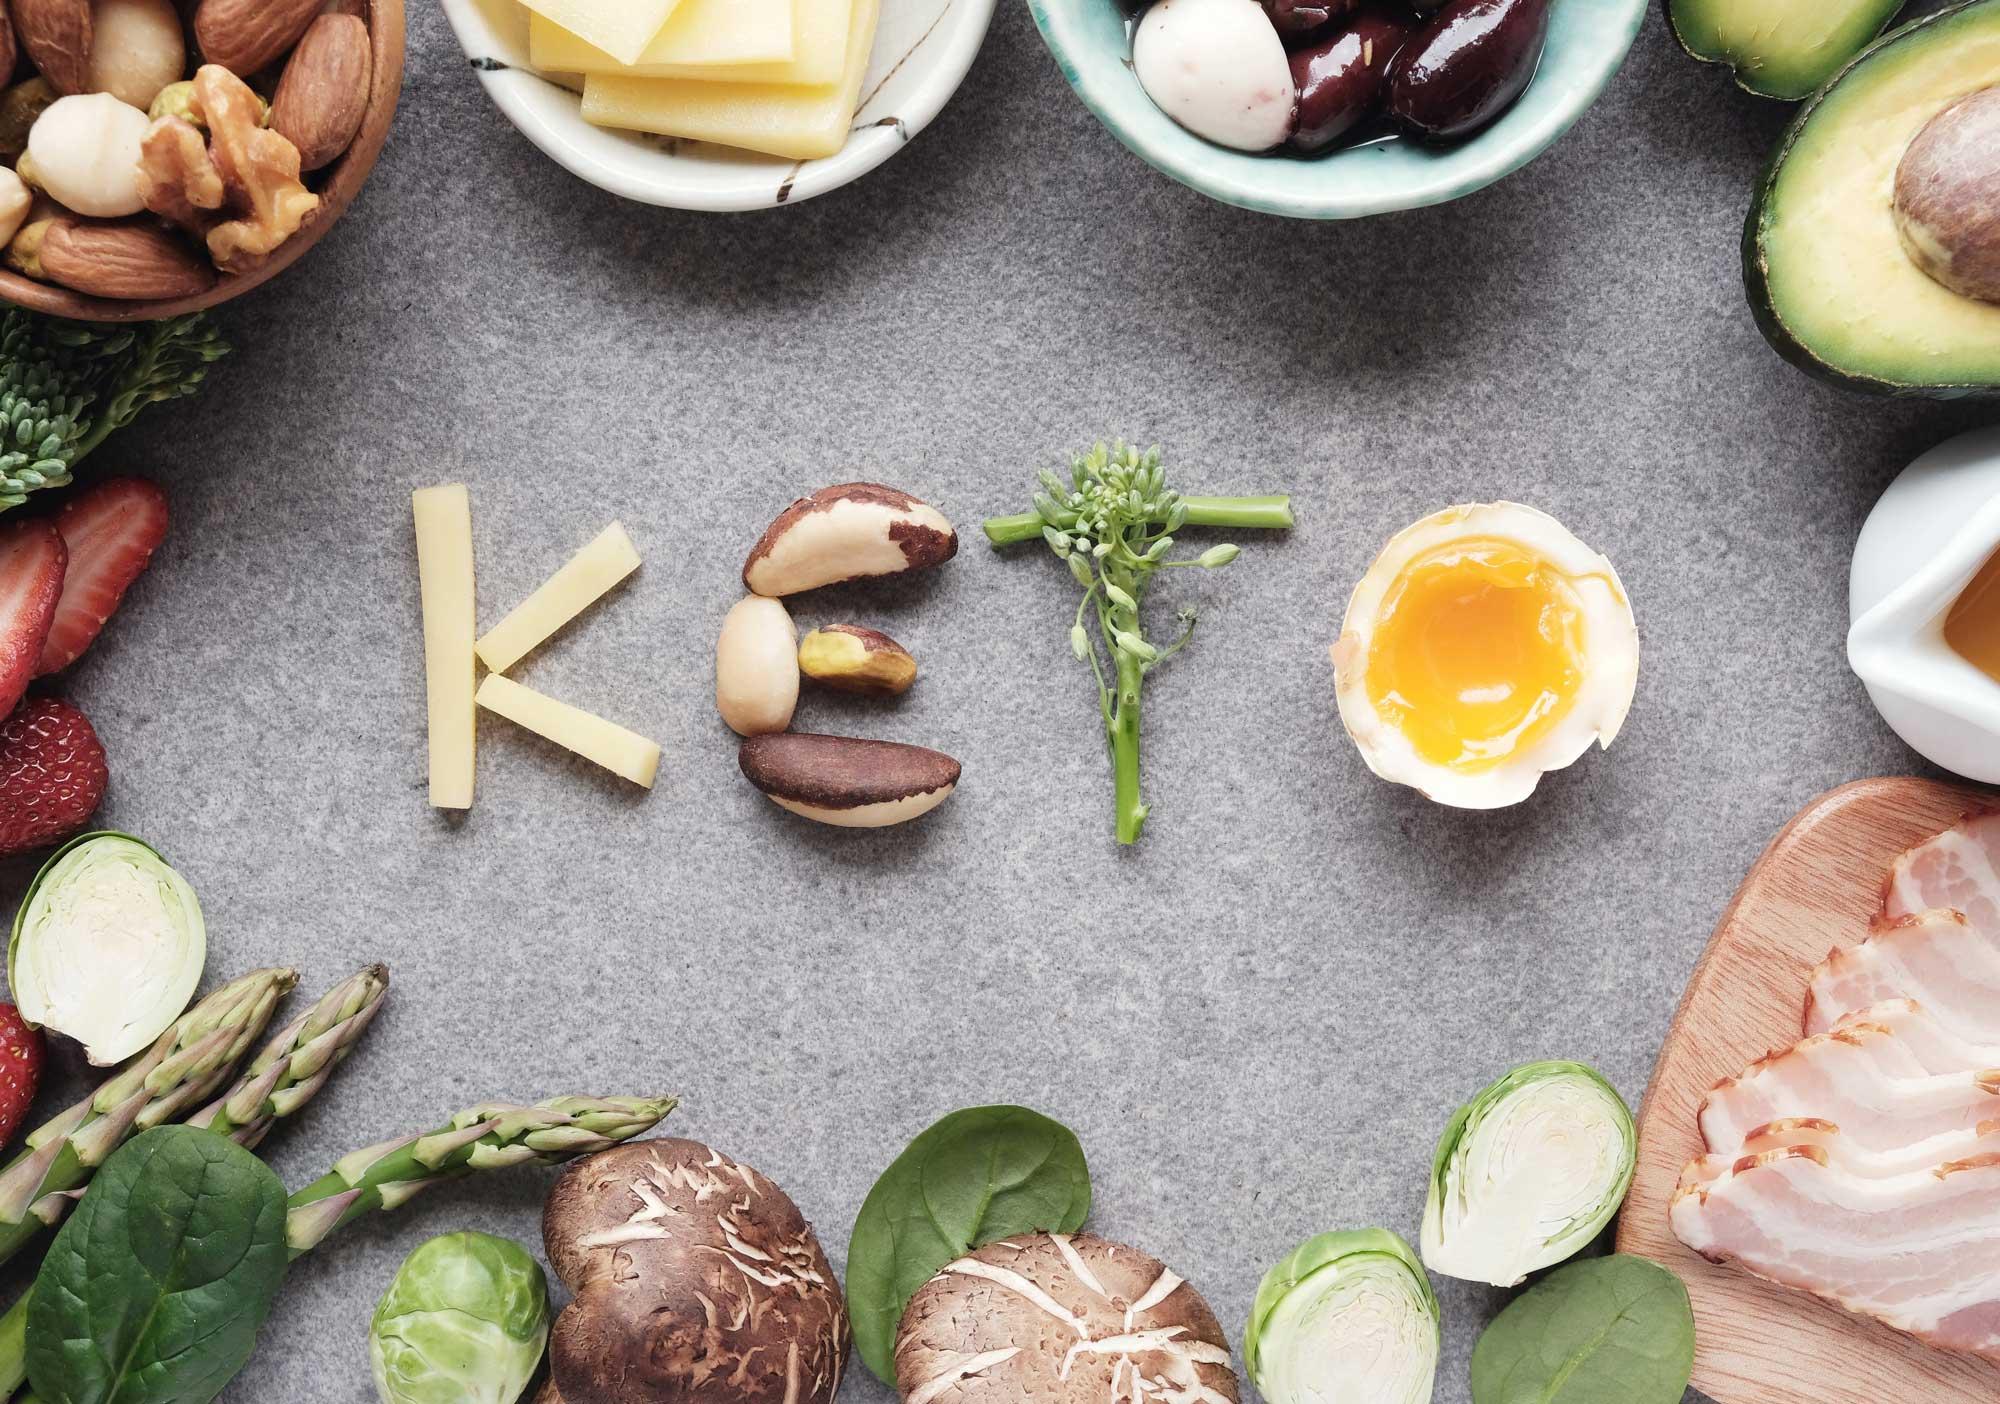 Ketoglyx Ernährung